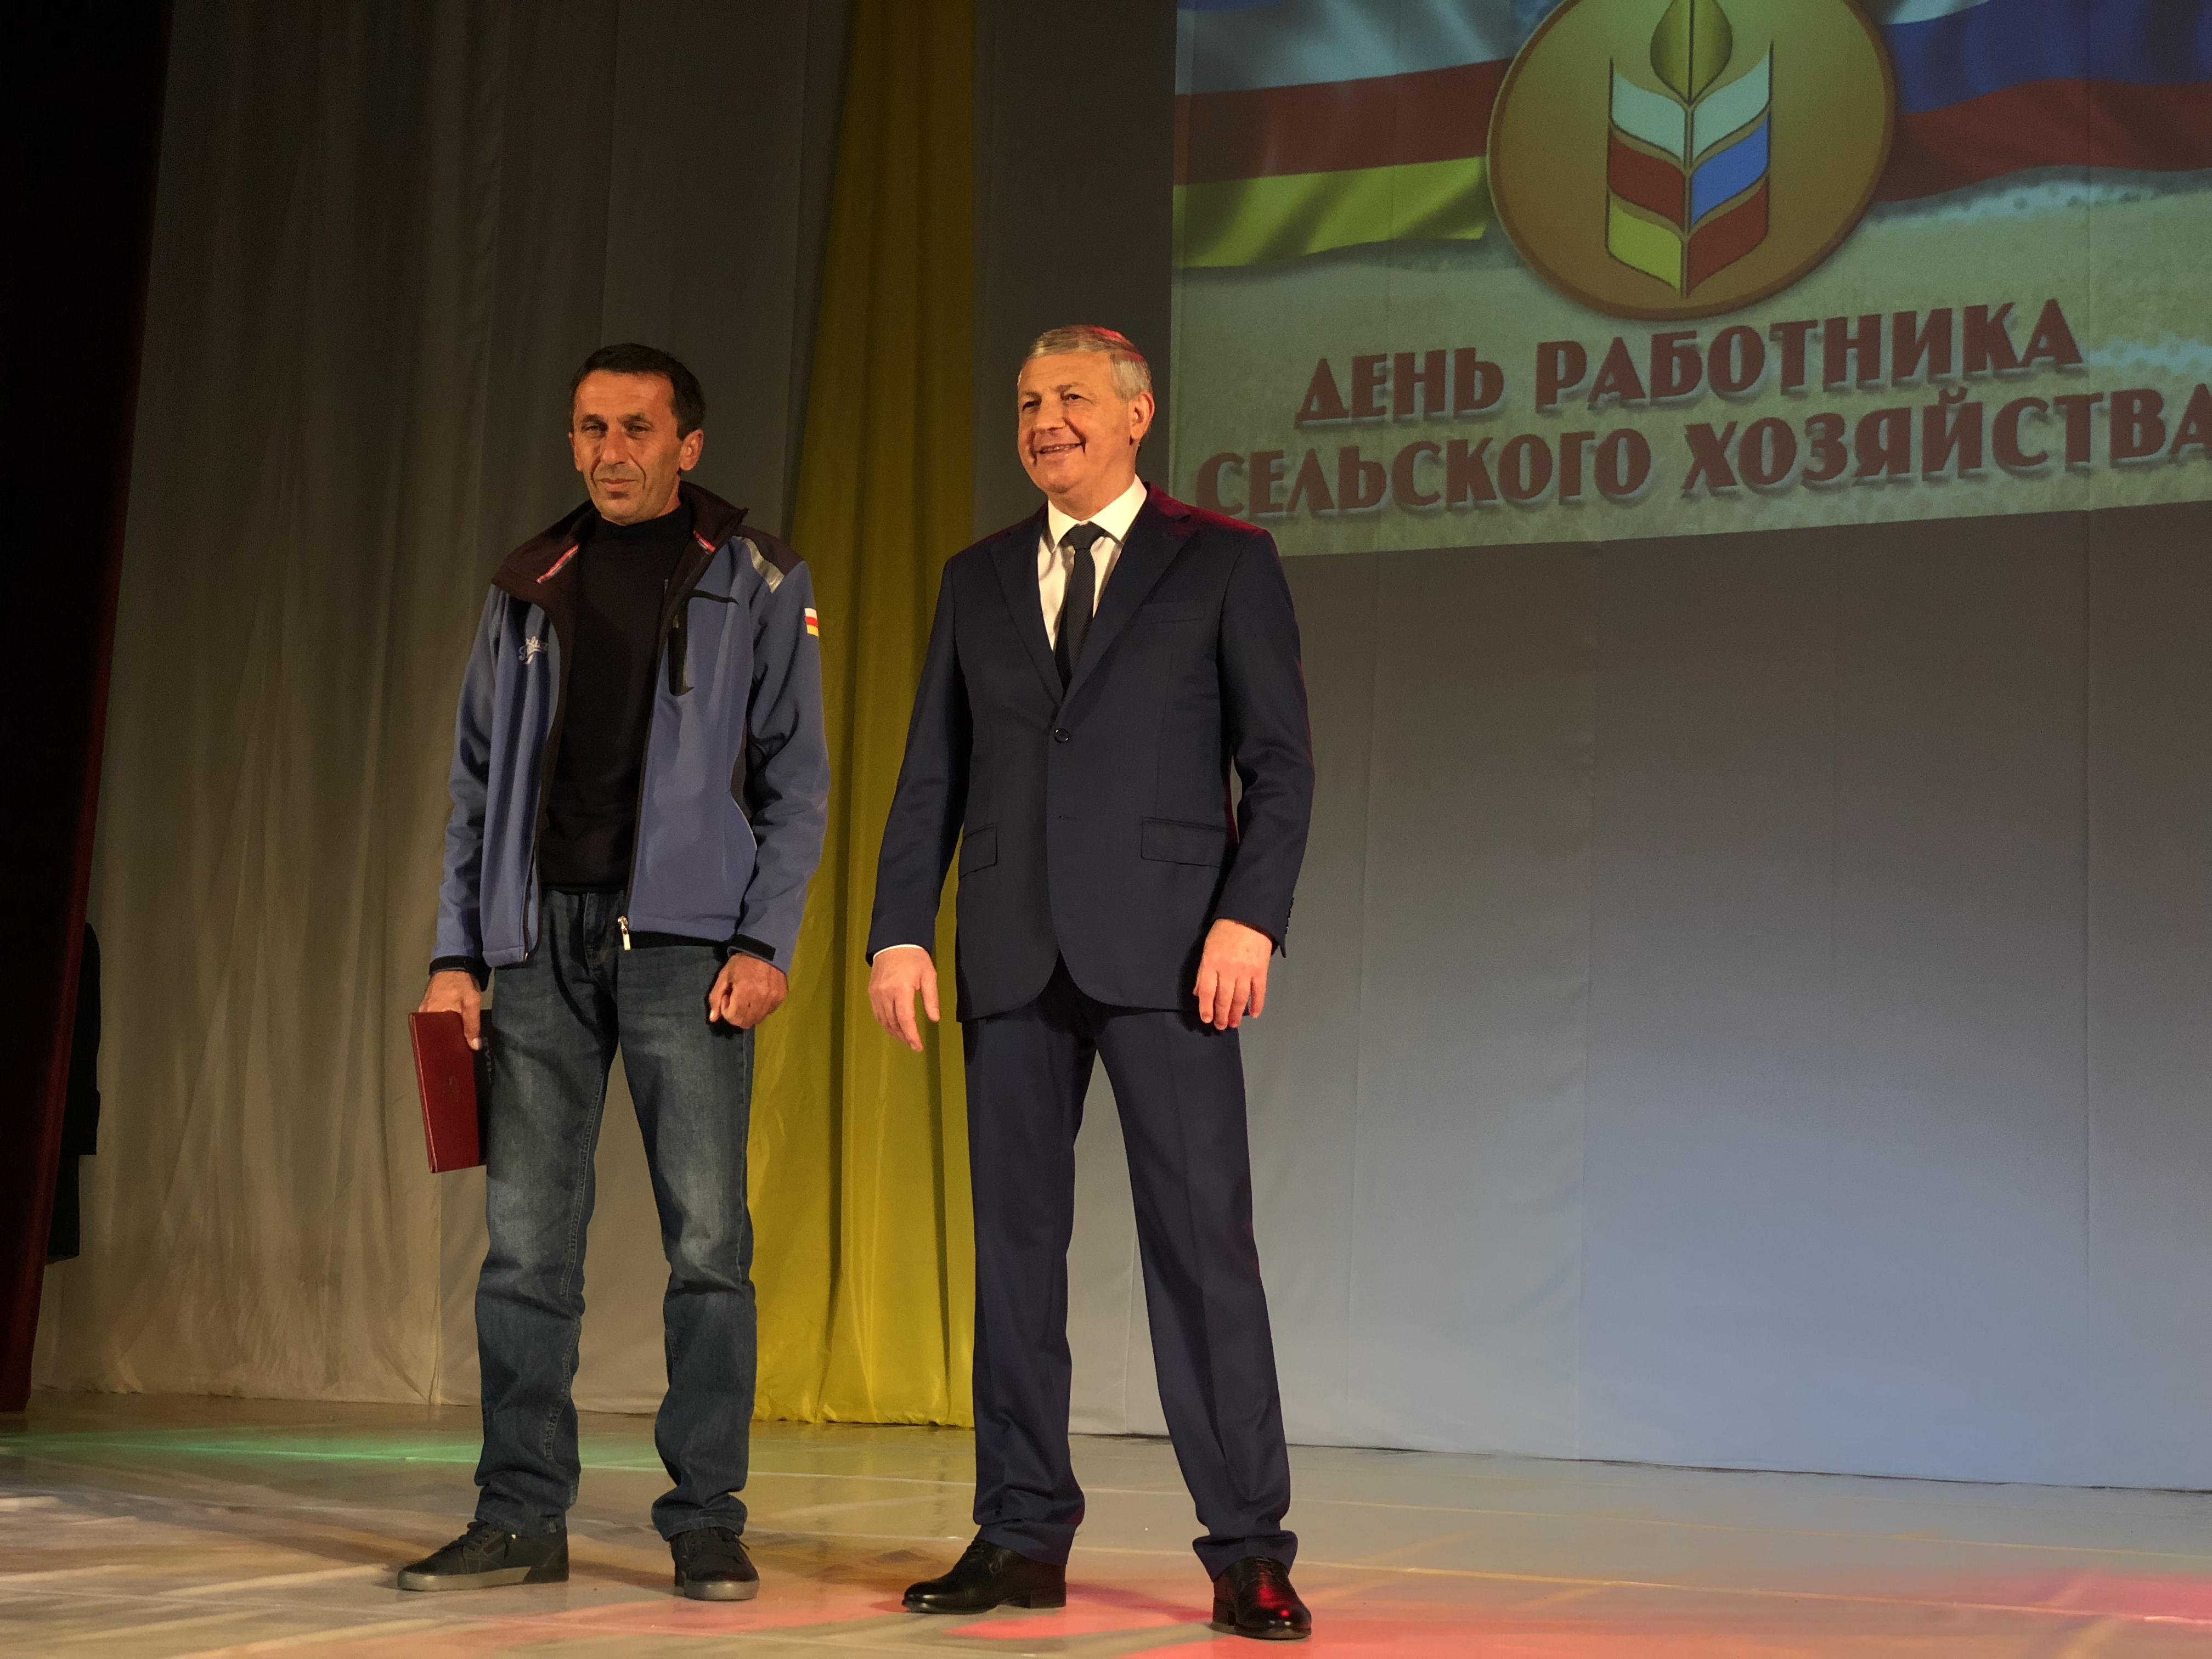 Вячеслав Битаров чествовал работников сельского хозяйства